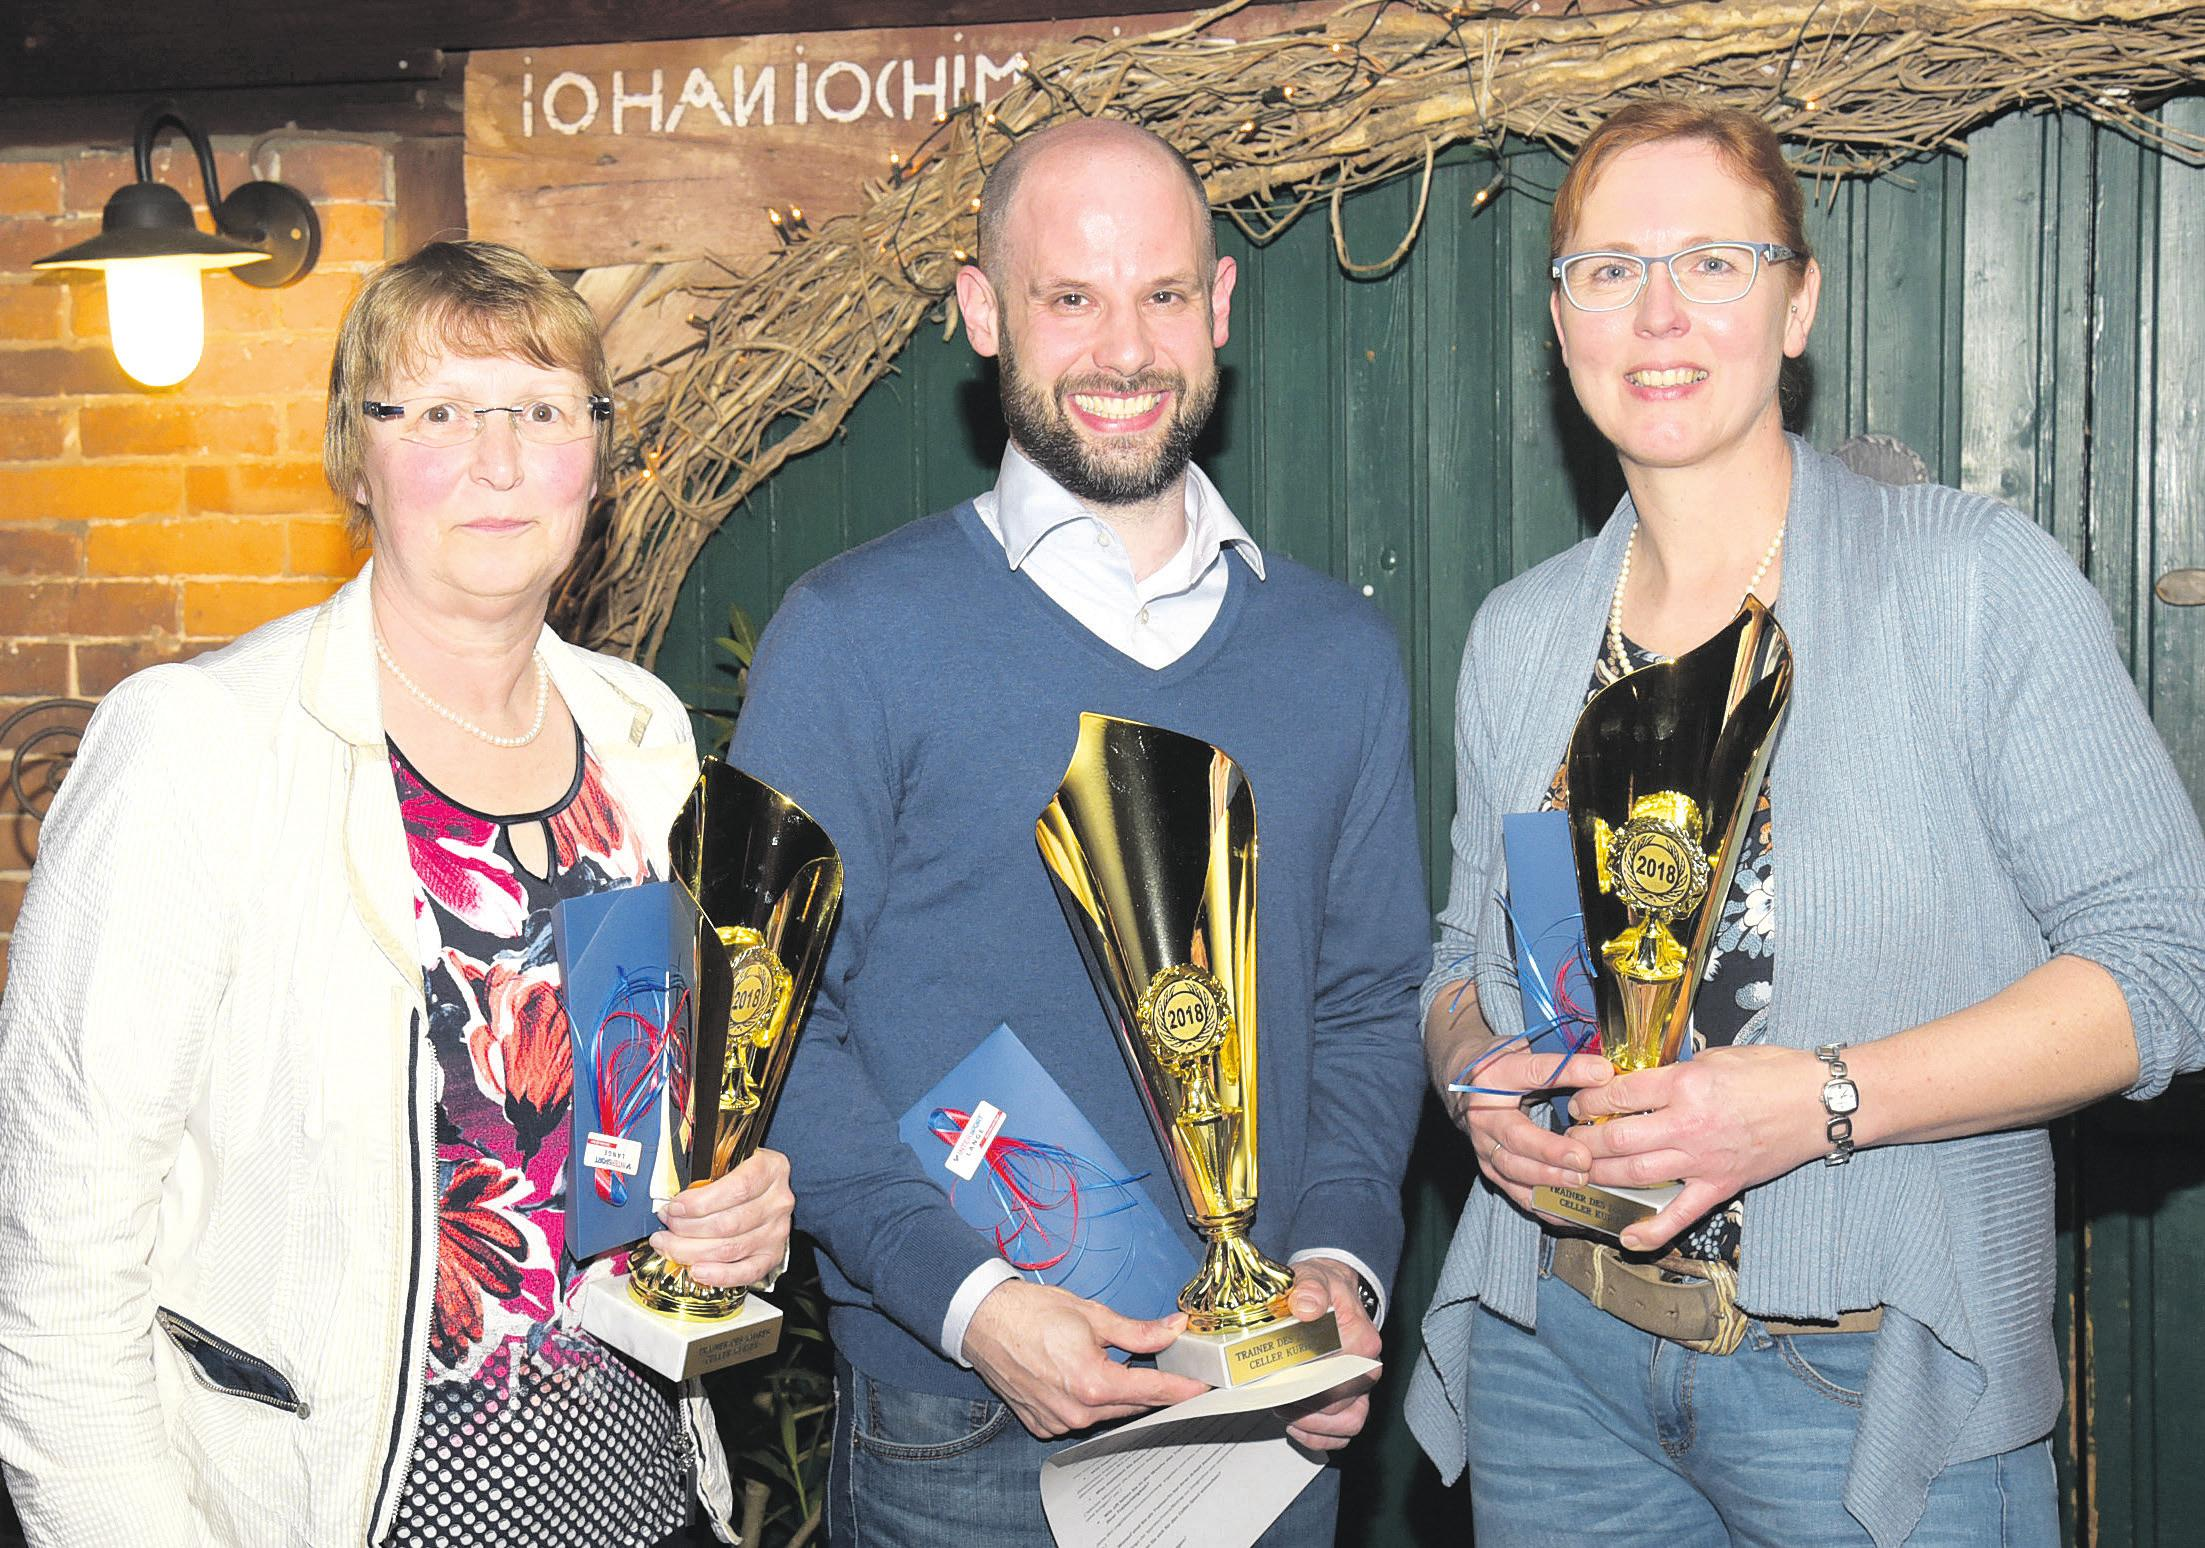 """Die ersten drei Plätze bei der Wahl zum """"Trainer des Jahres 2018"""": Irmgard Lehmann (von links), Björn Lippa und Anja Dageförde-Buhl. Foto: Theel"""